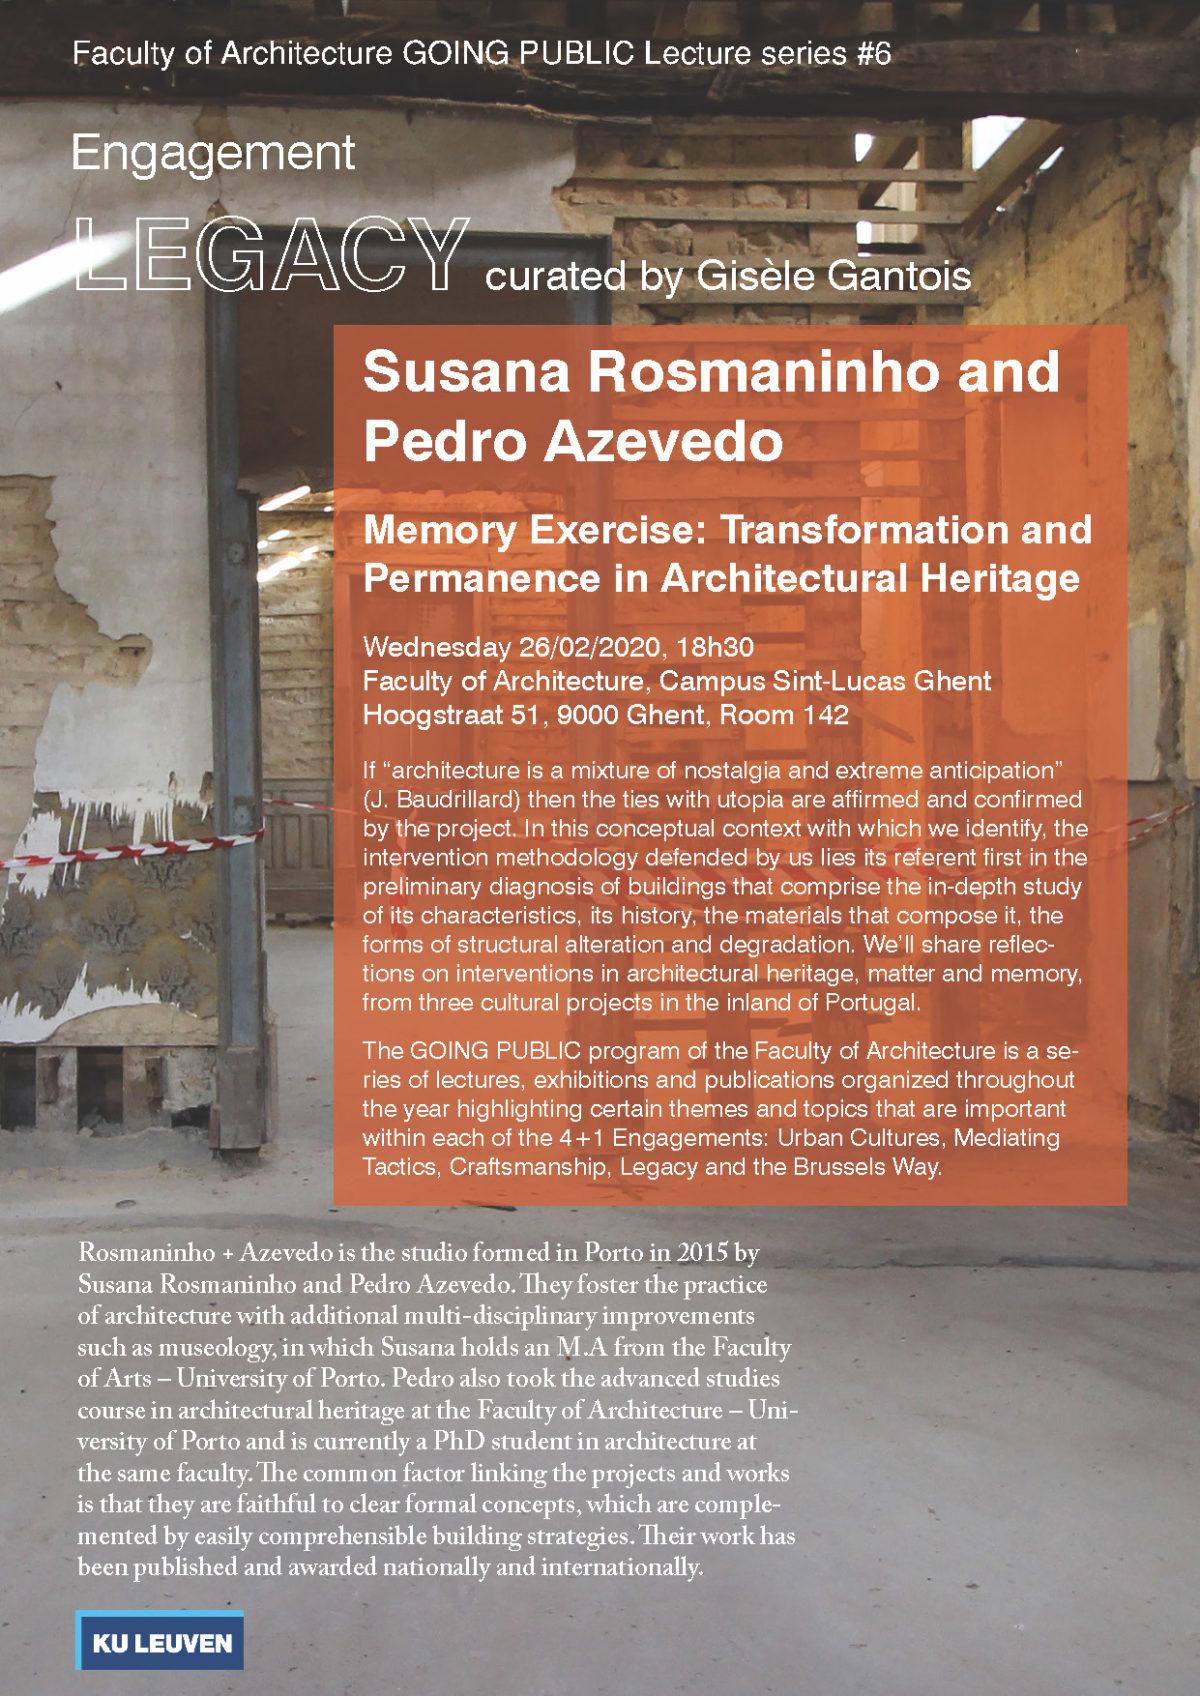 going-public-6-susana-rosmaninho-and-pedro-azevedo-004